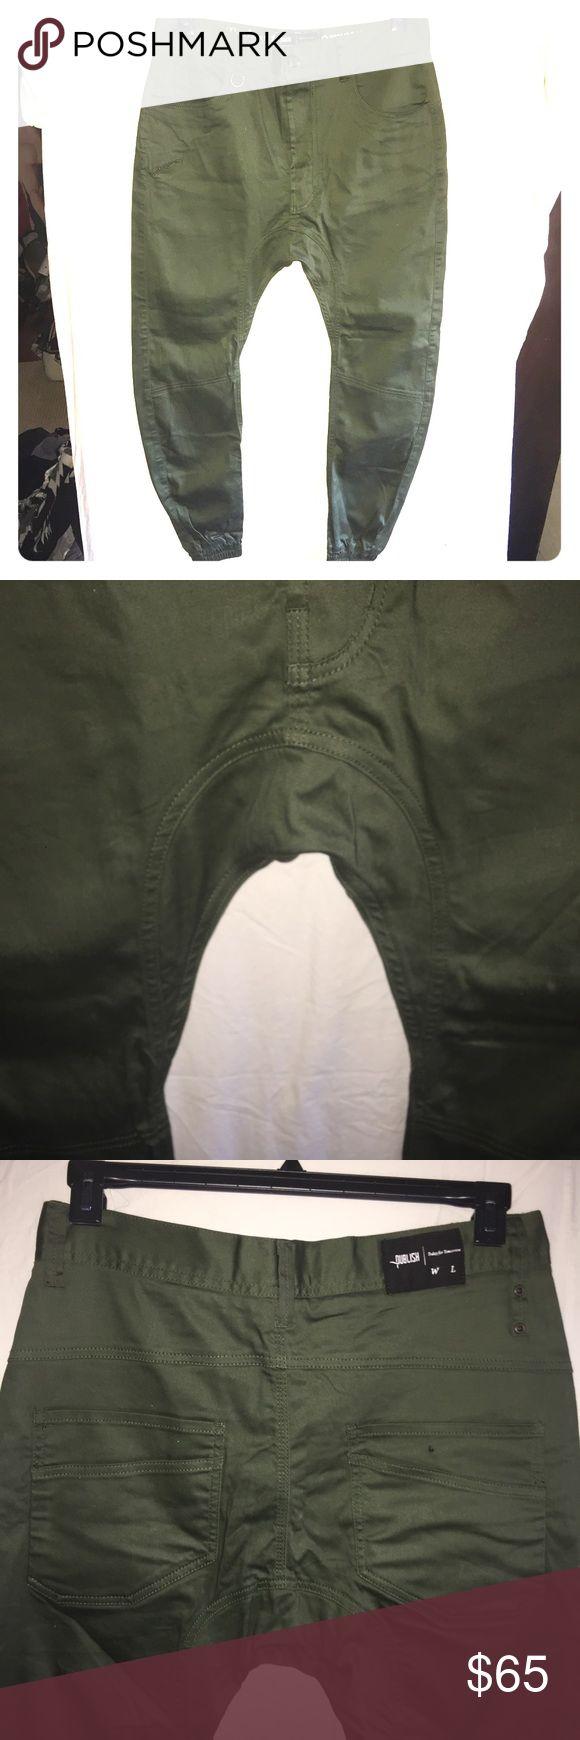 NEW Publish Jogger Pants Men's 32 NEW without tags Men's Publish Jogger pants in olive green. Size 32, excellent! Publish Pants Cargo